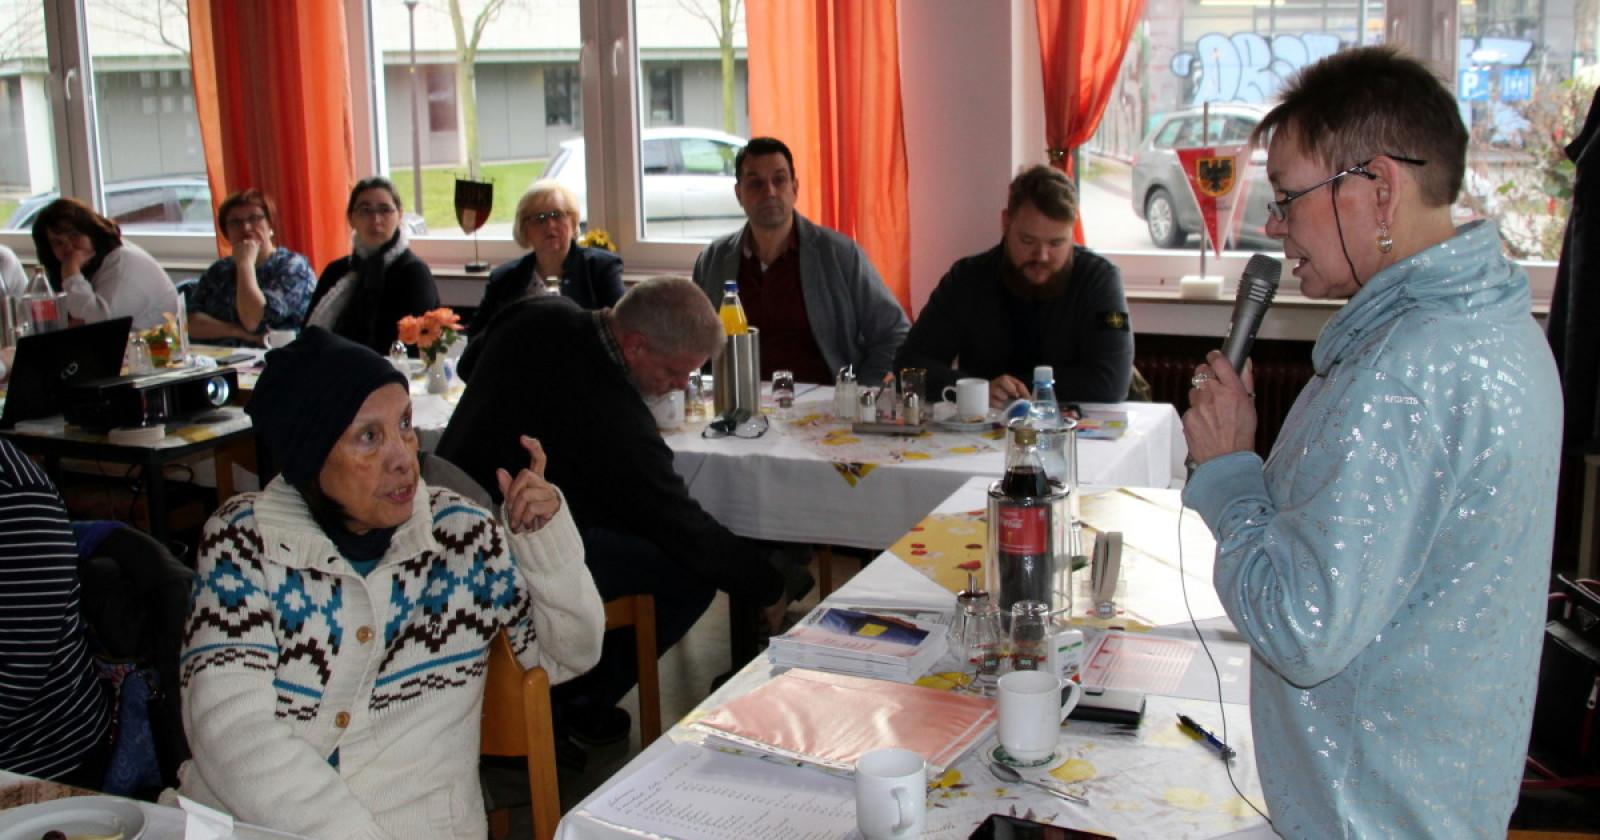 KollegInnen aus Rheinland und Westfalen bereiten sich auf Bundesfachgruppenkonferenz des Gebäudereiniger – Handwerks vor.